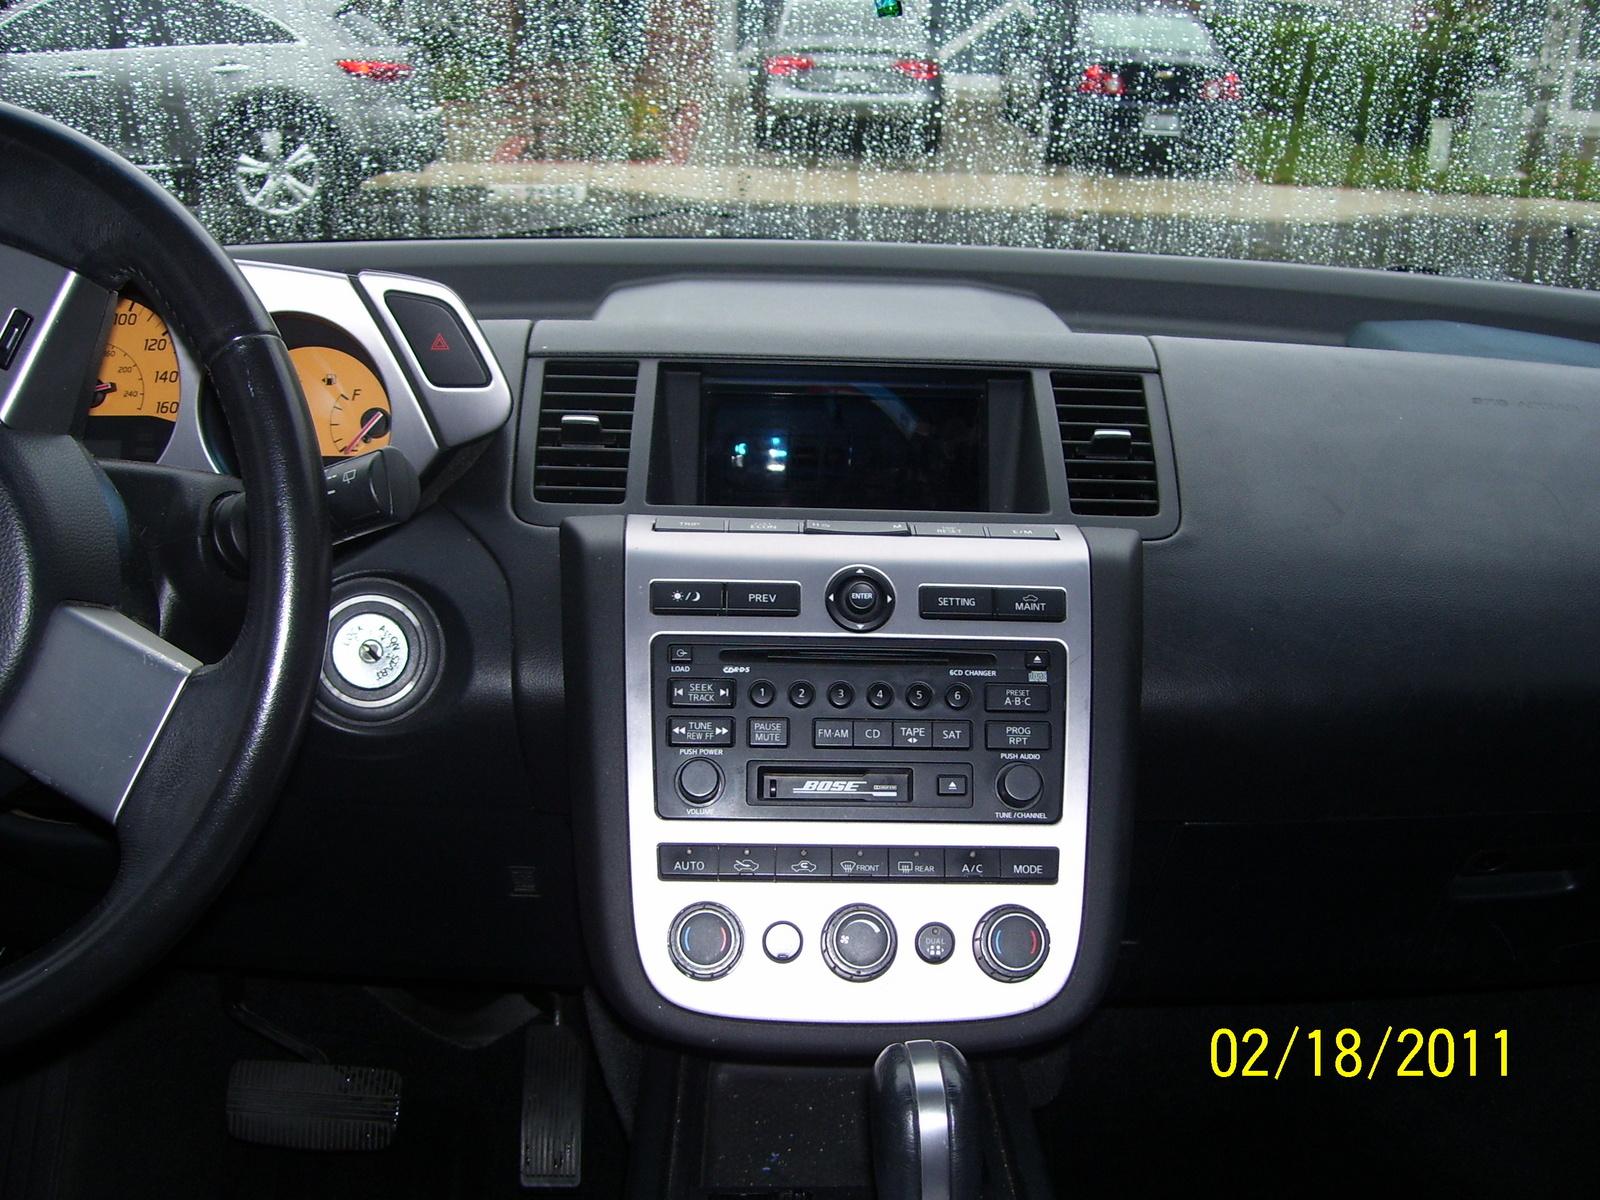 2003 Nissan Murano Interior Pictures Cargurus